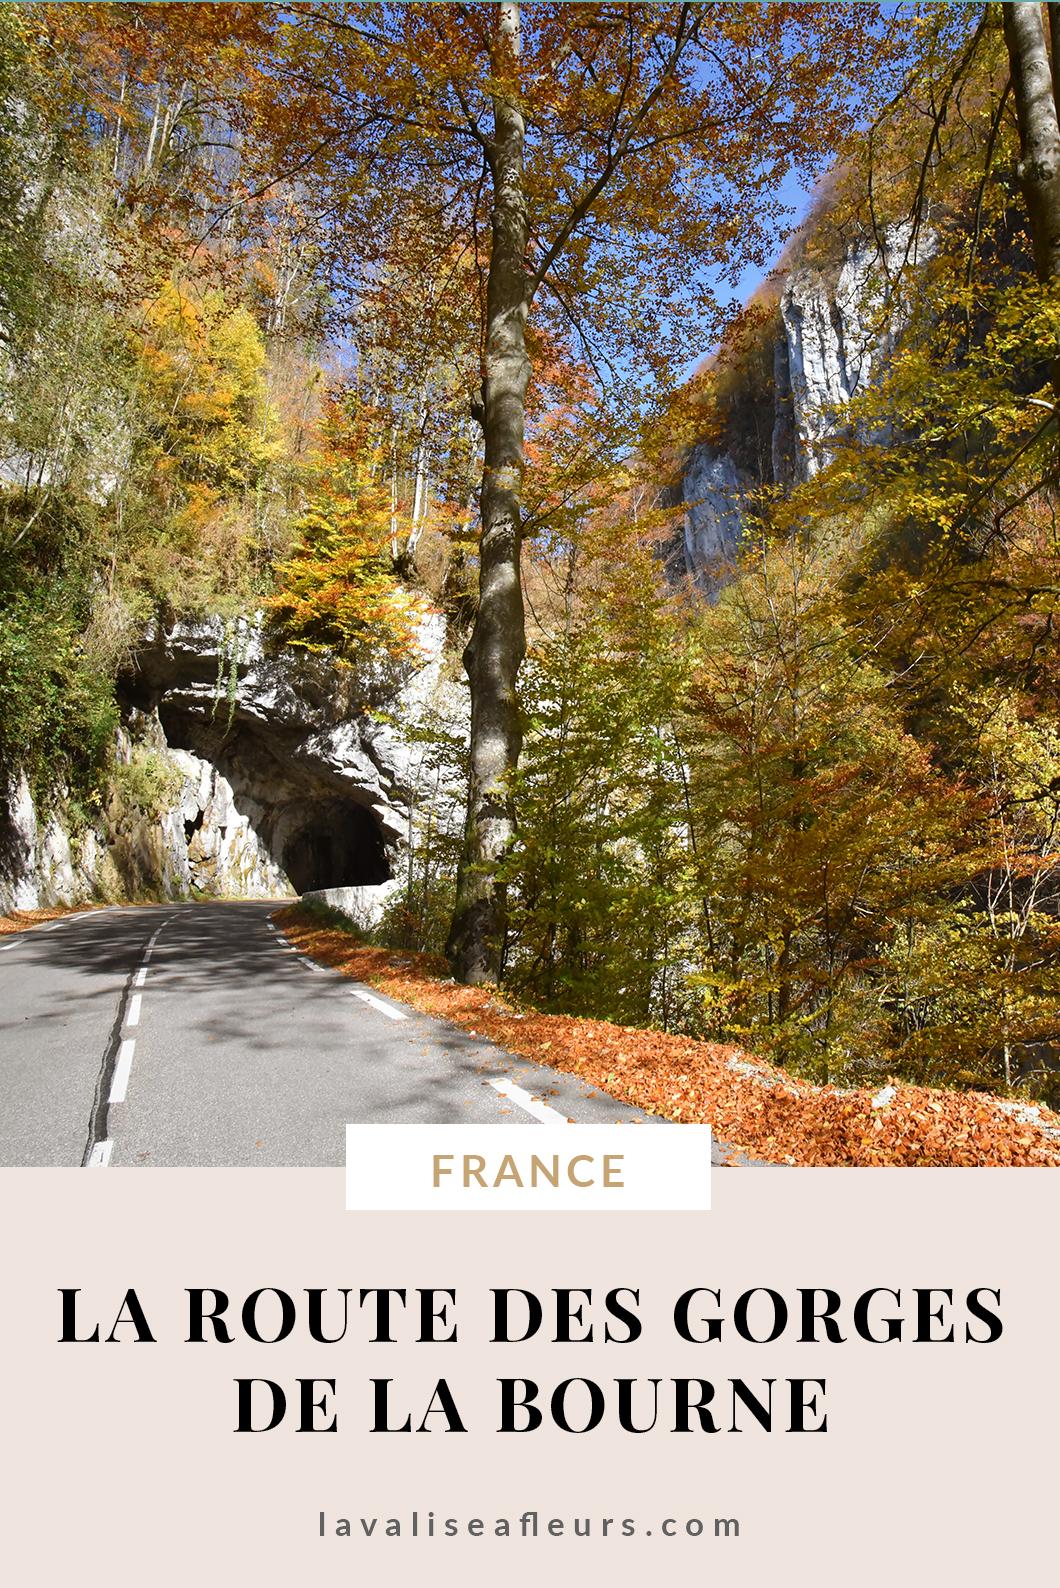 La route des gorges de la Bourne en France